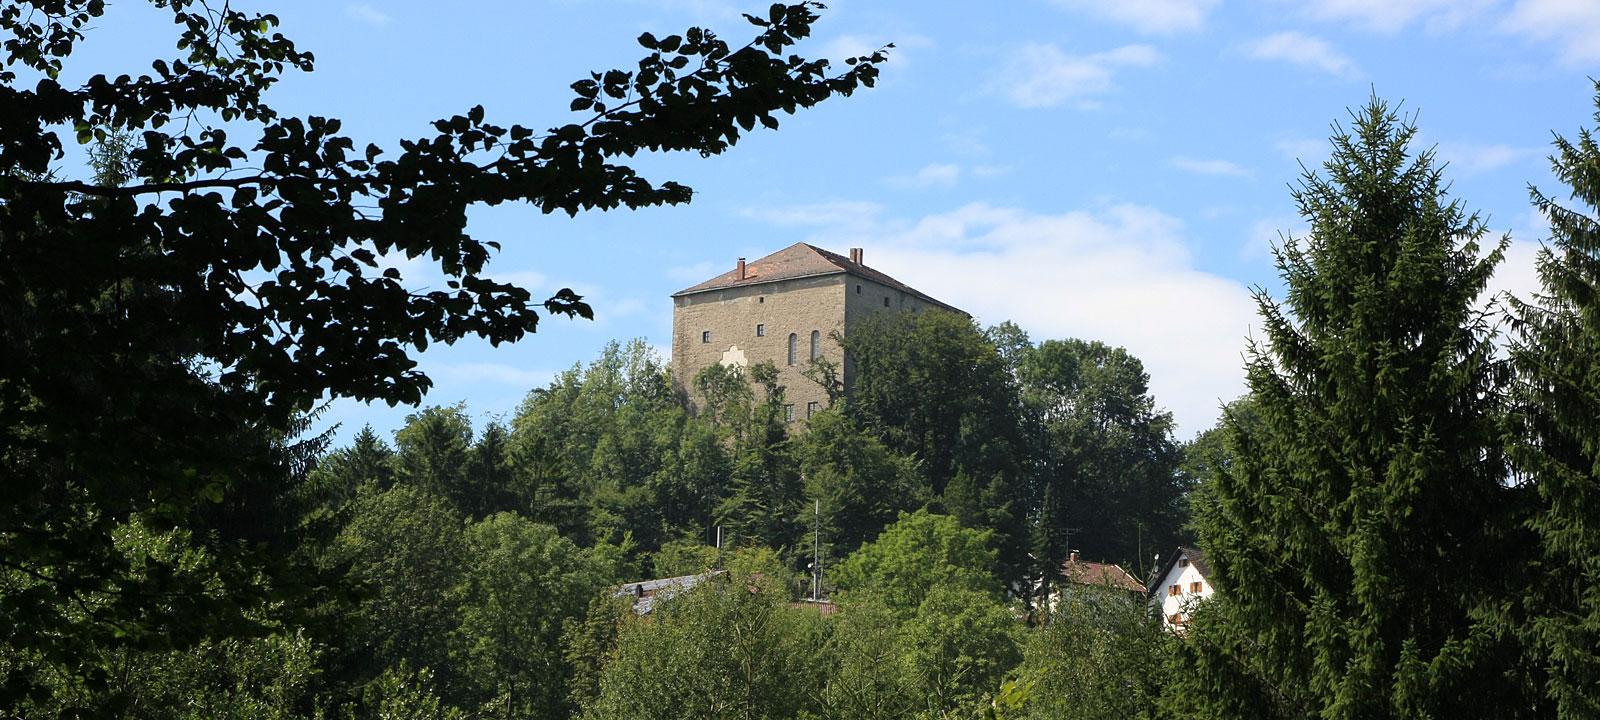 Saldenburg im Dreiburgenland Bayerischer Wald